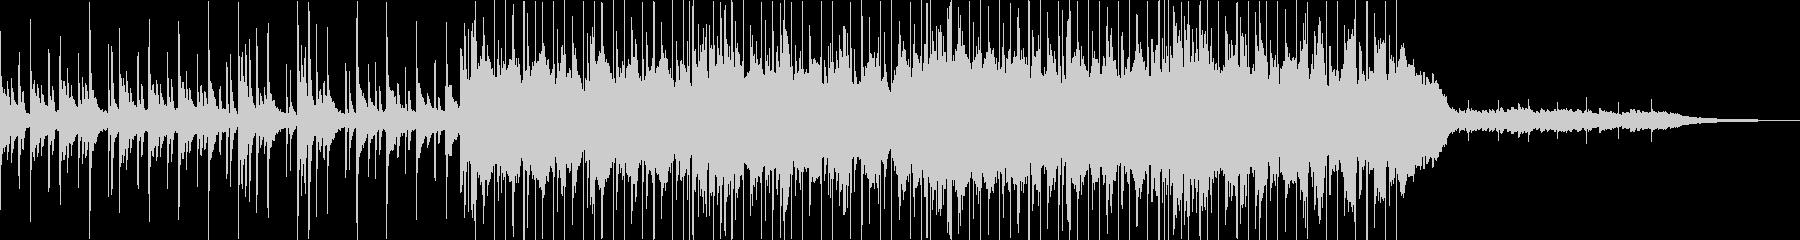 オープニングっぽいさわやかロックインストの未再生の波形